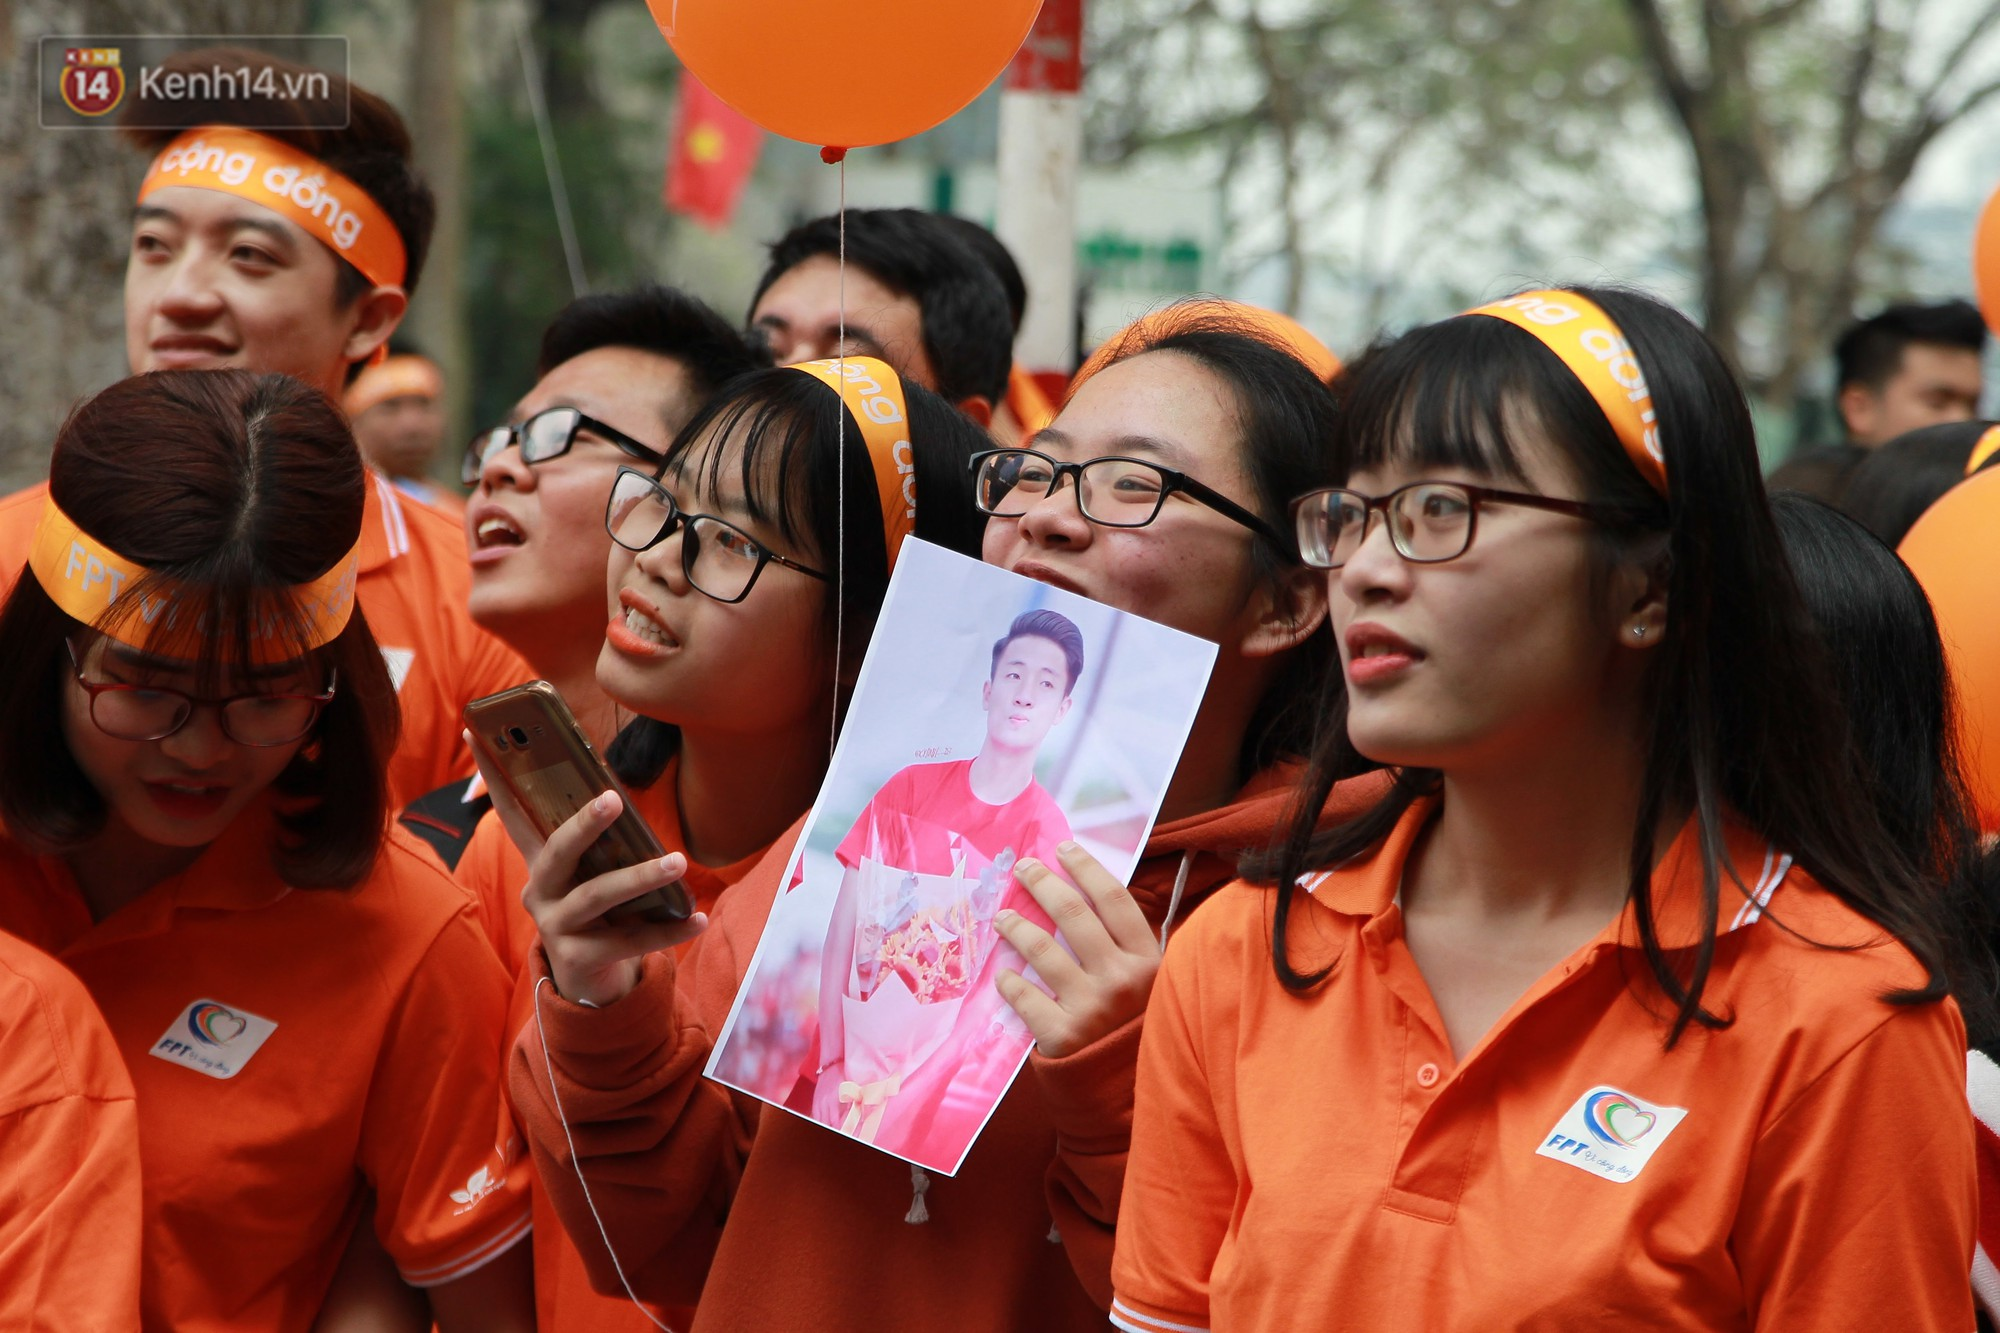 Phố đi bộ Hồ Gươm tắc nghẽn khi Trọng Đại, Tiến Dũng U23 cùng 5000 người dân tham gia ngày hội tình nguyện - Ảnh 8.